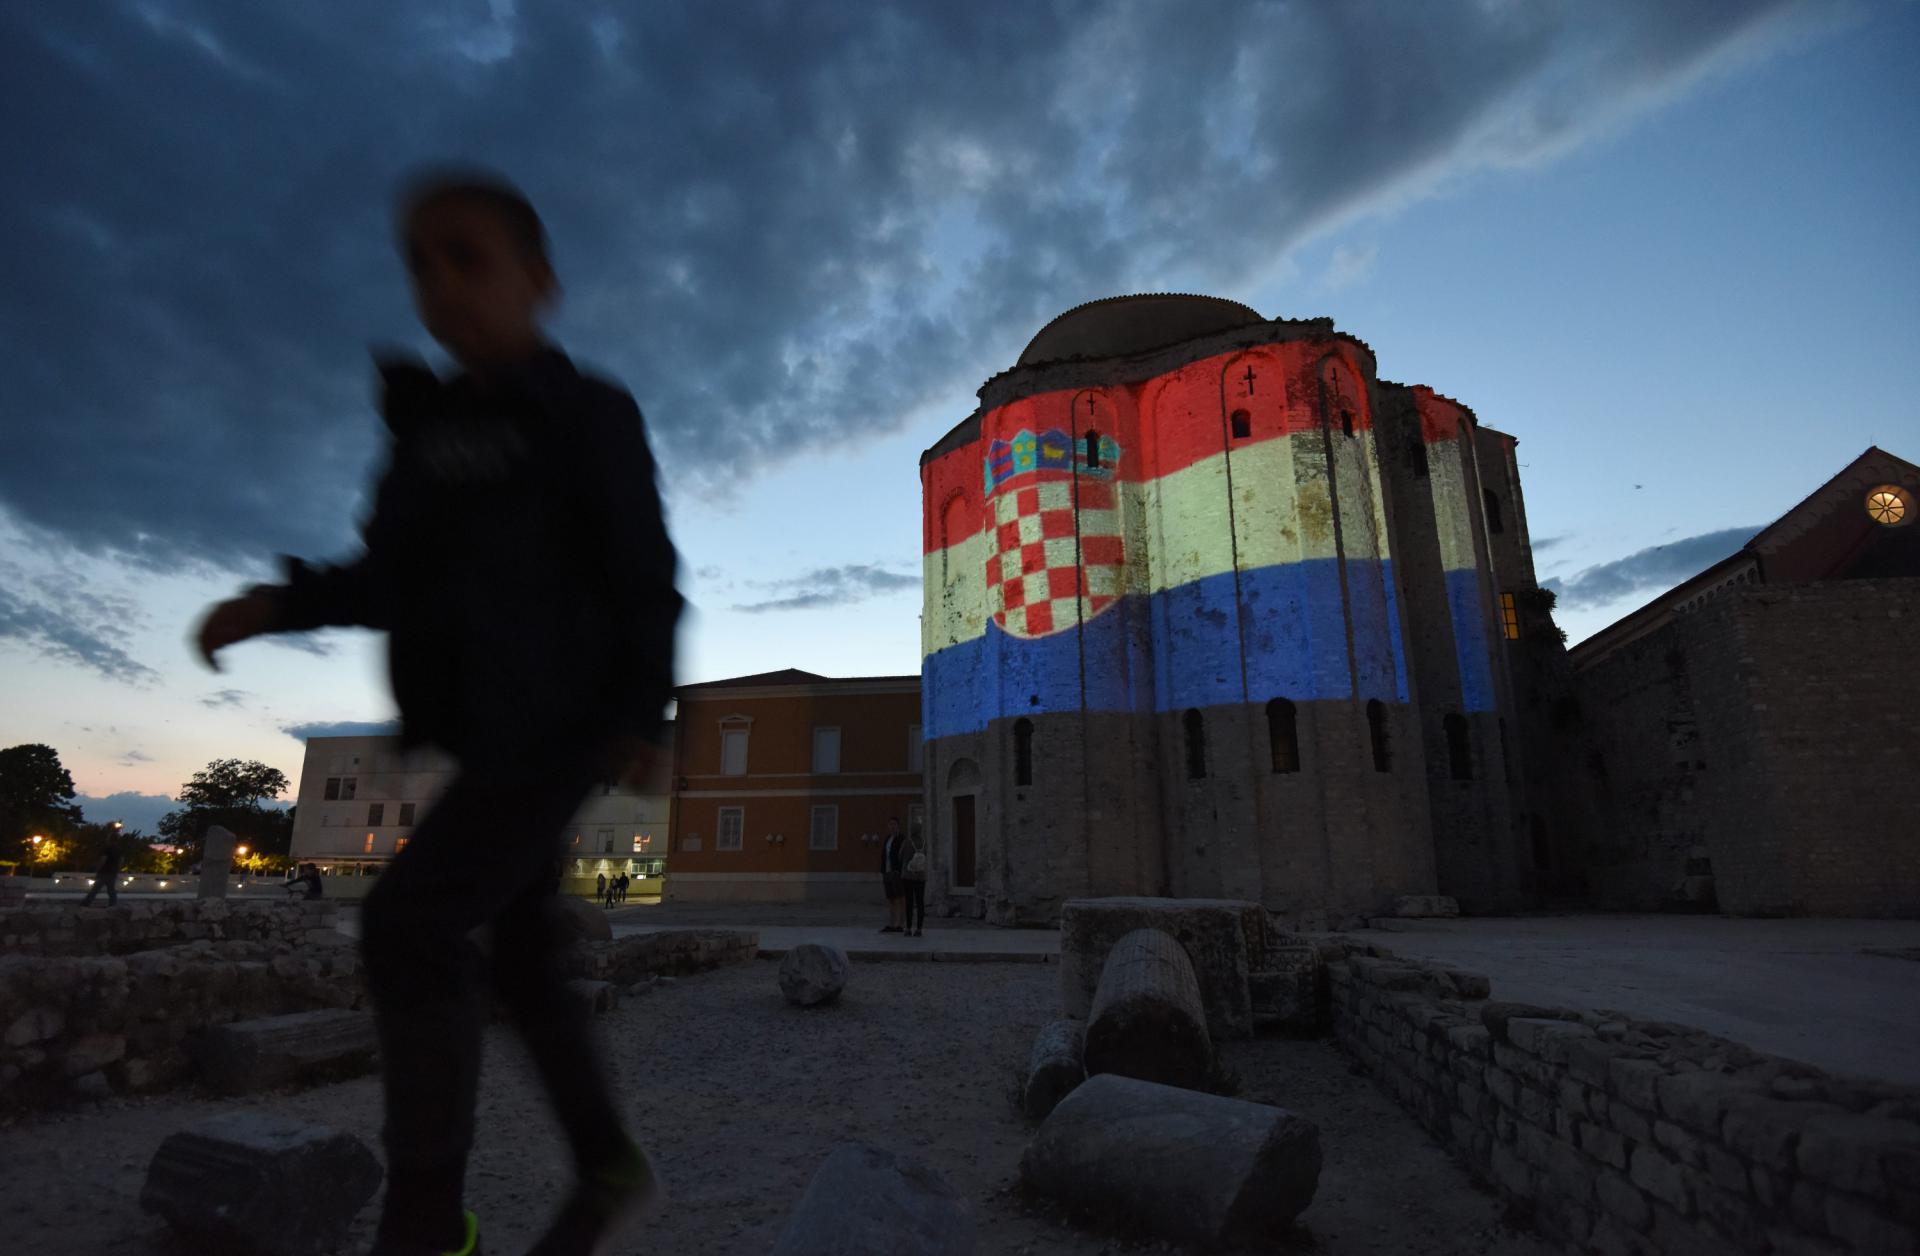 Zadarske znamenitosti u bojama nacionalne zastave: pogledajte svjetlosni spektakl koji je oduševio građane...